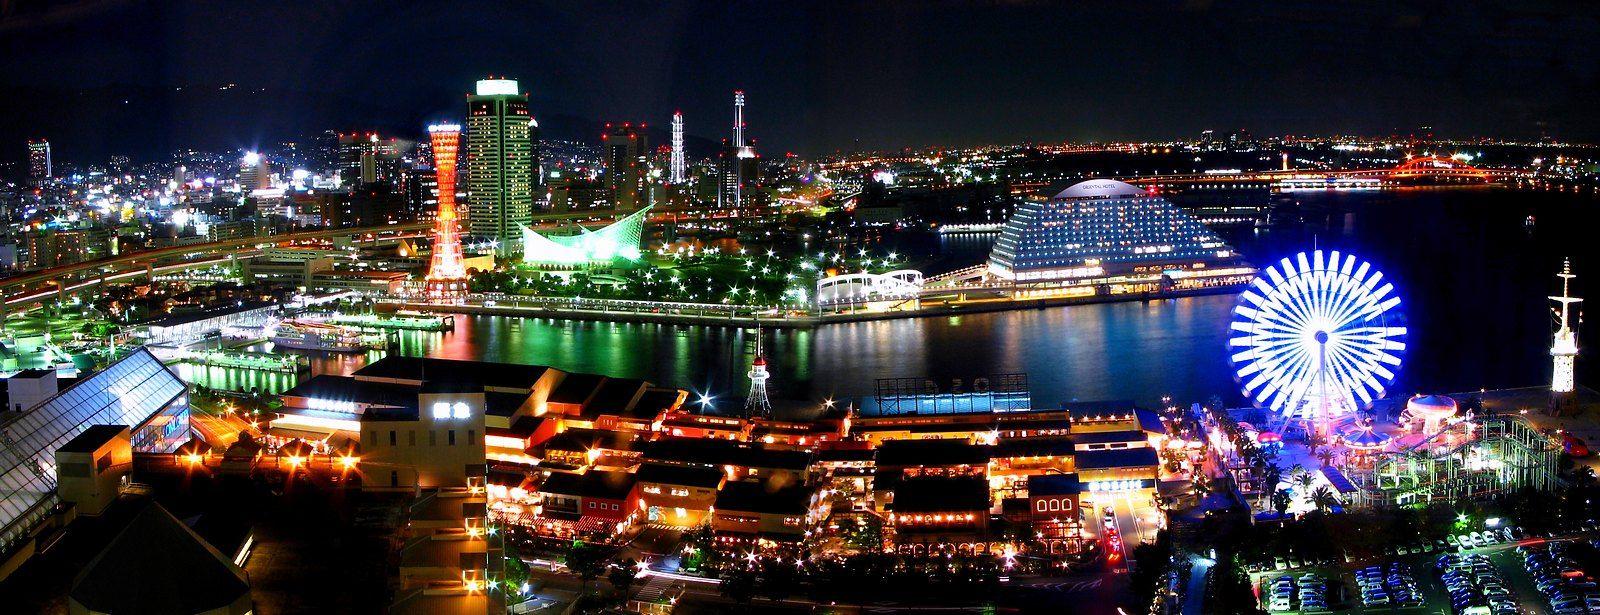 神戸ハーバーランドの魅力満載!ランチ・シネマなどただの商業施設ではない!